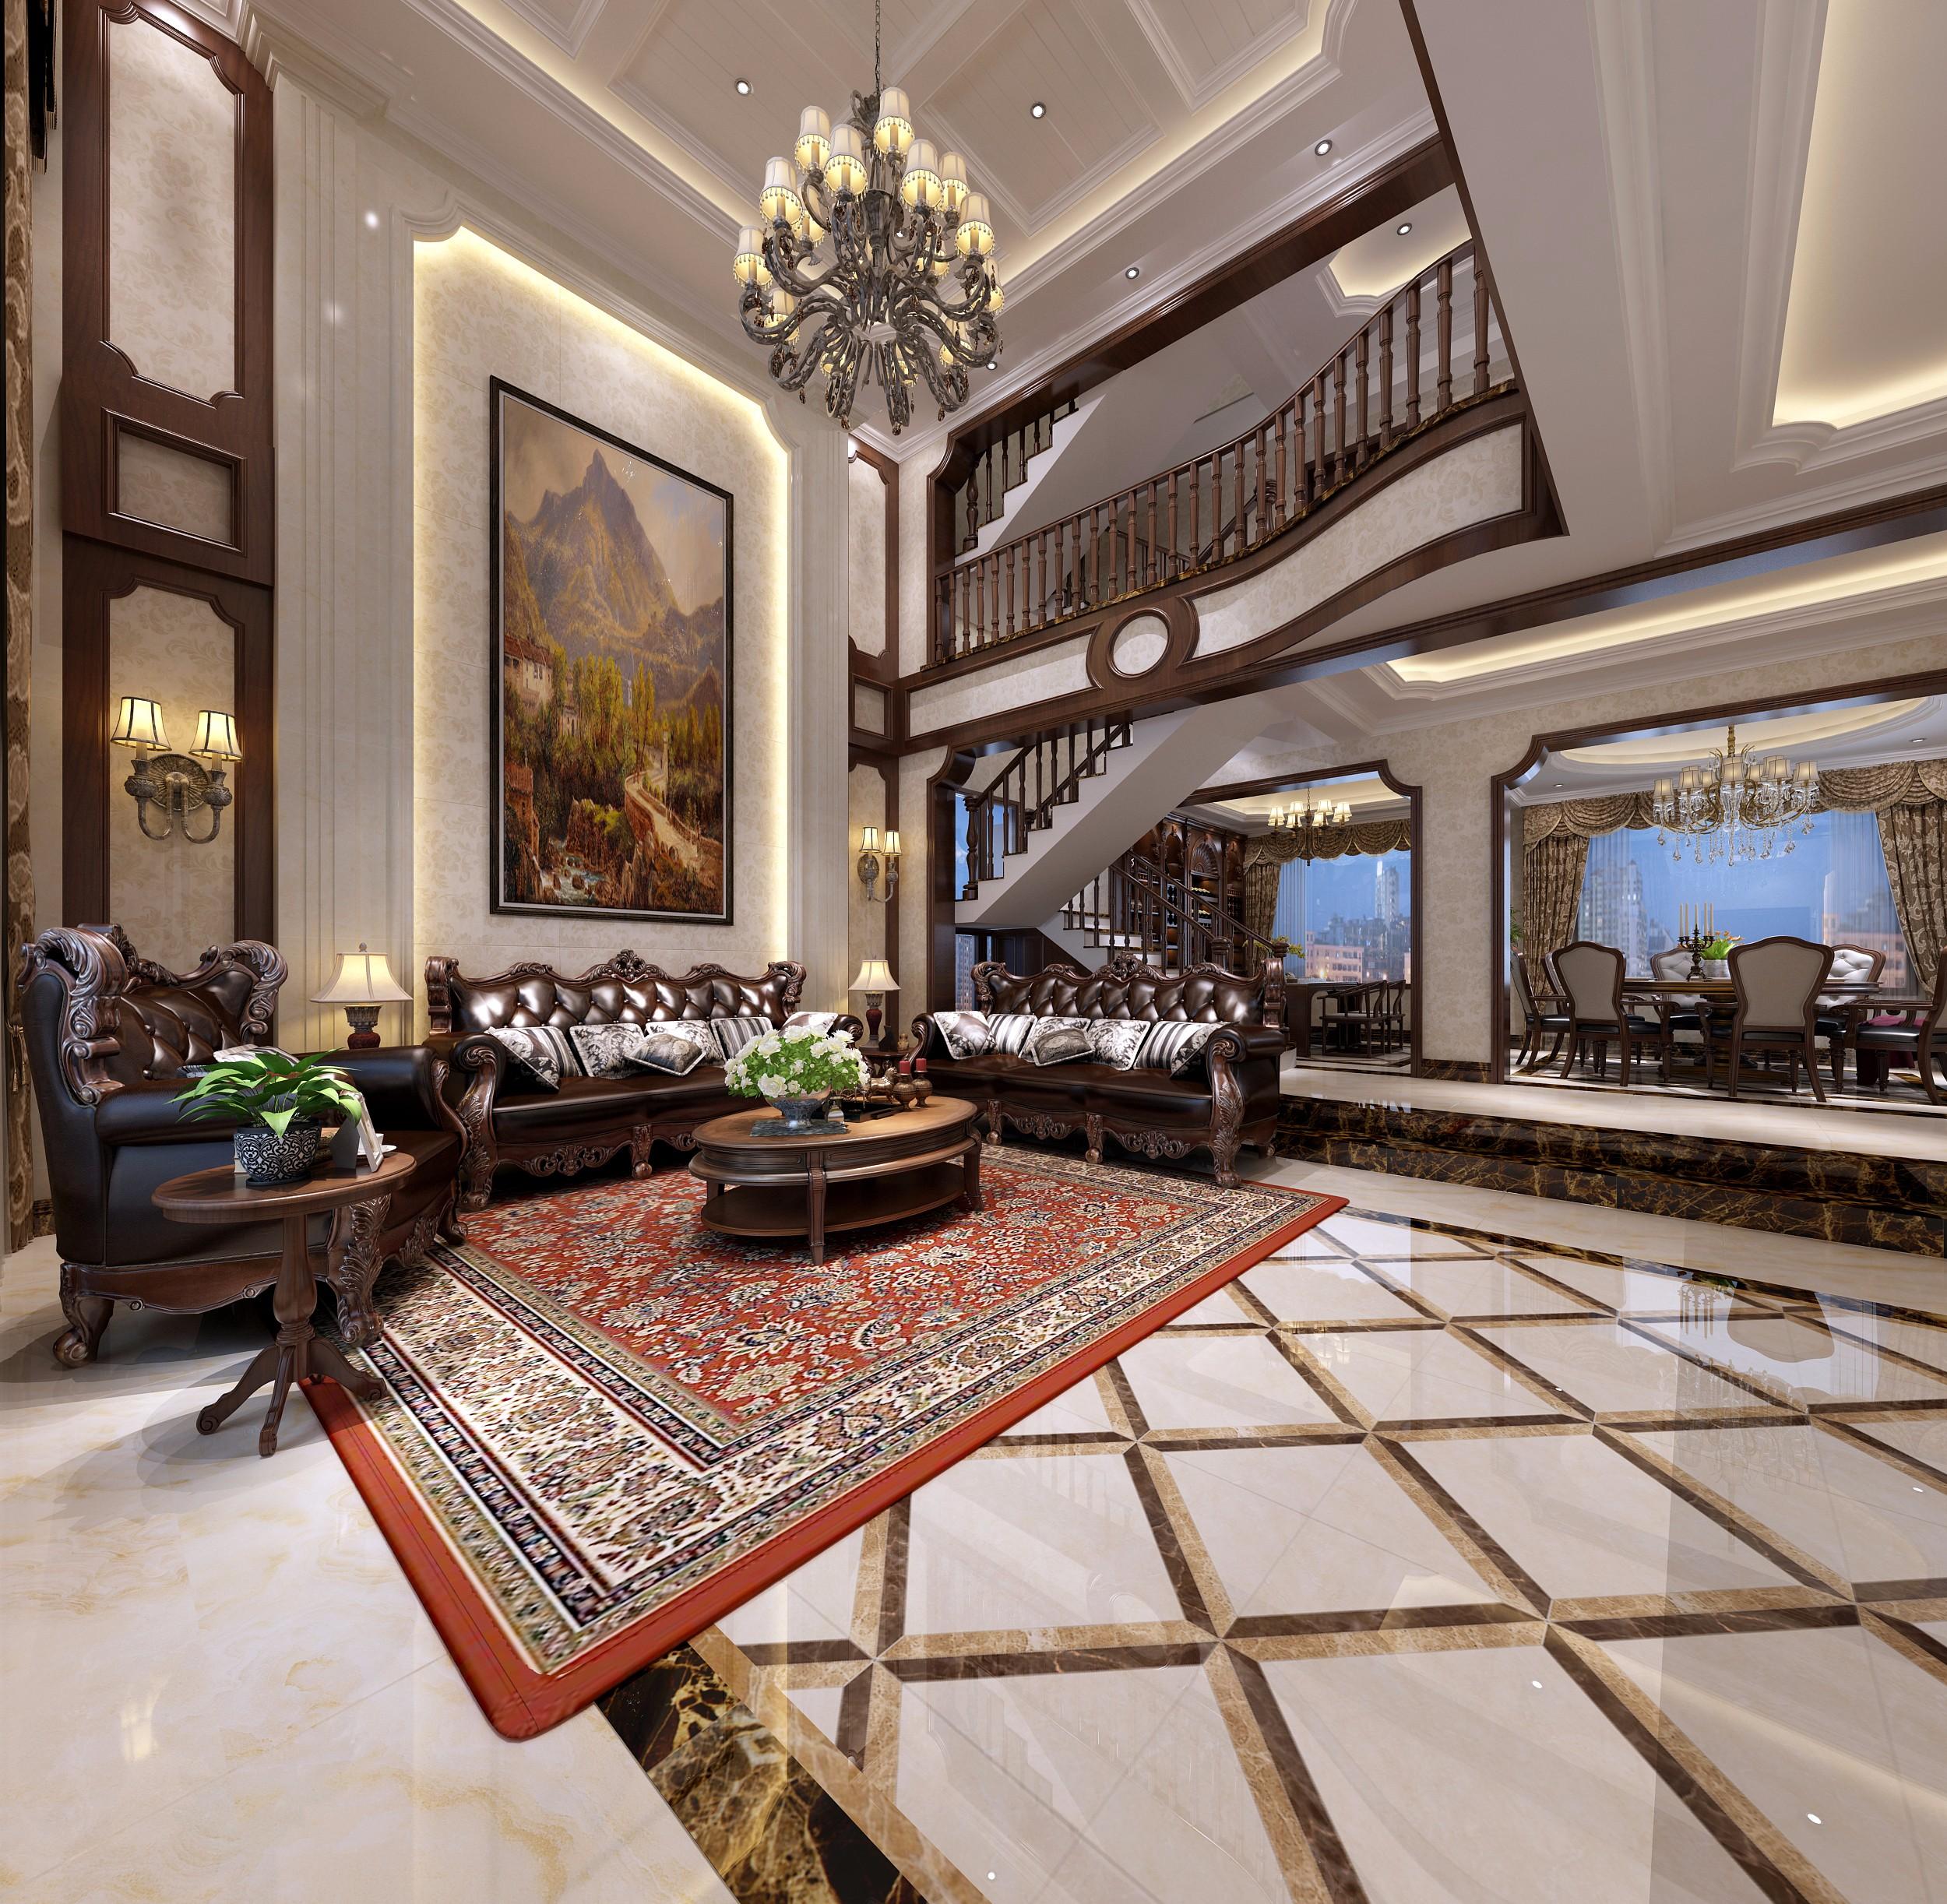 欧式别墅客餐厅 - 效果图作品交流区 - 建e分享交流